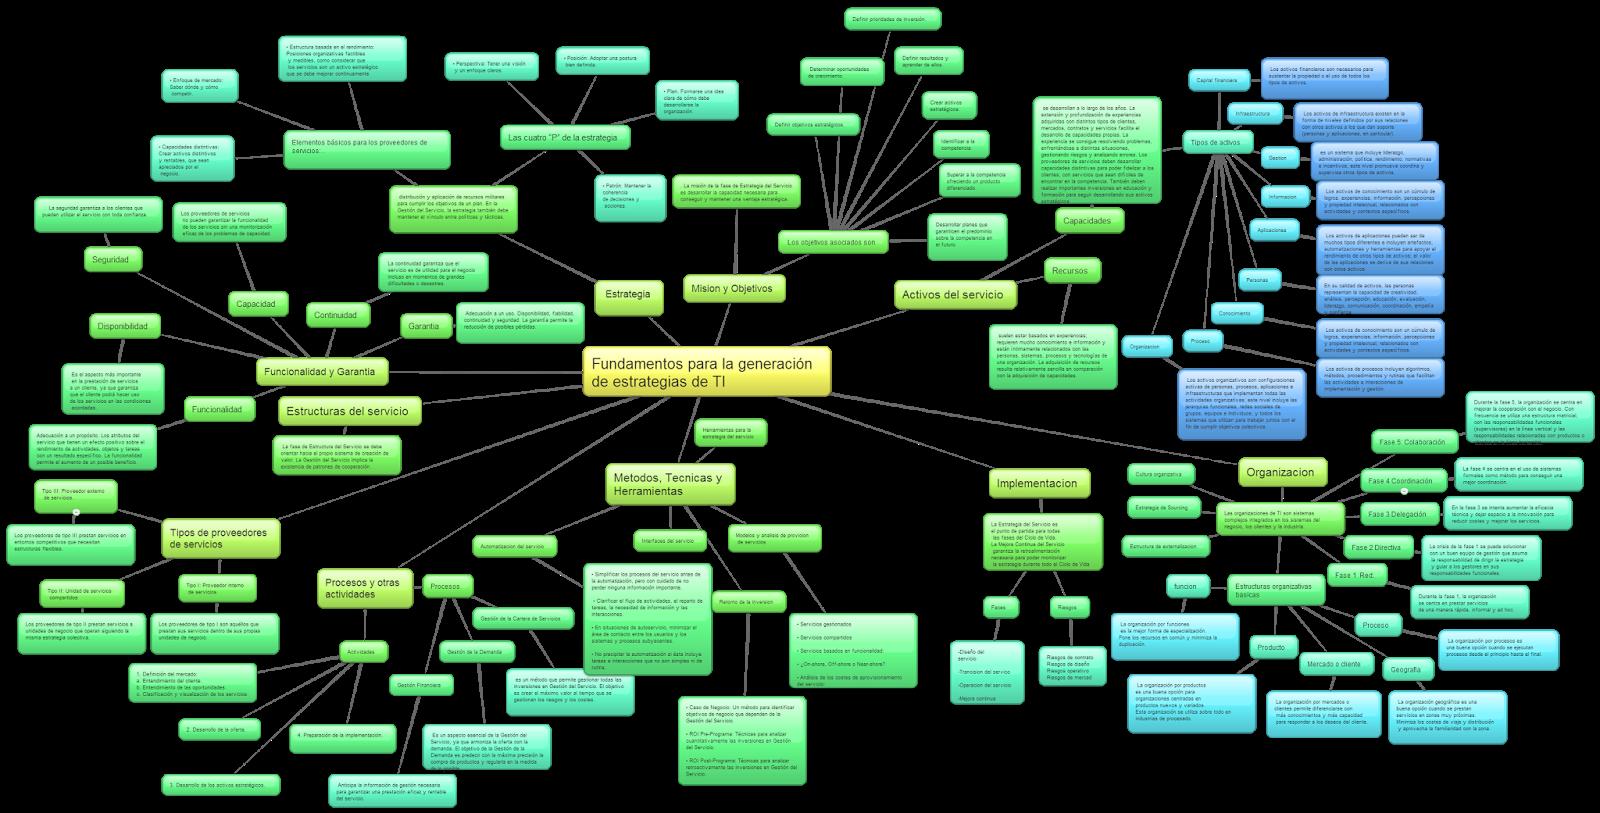 Fundamentos de Gestión de servicios de tecnologías de informacion ...